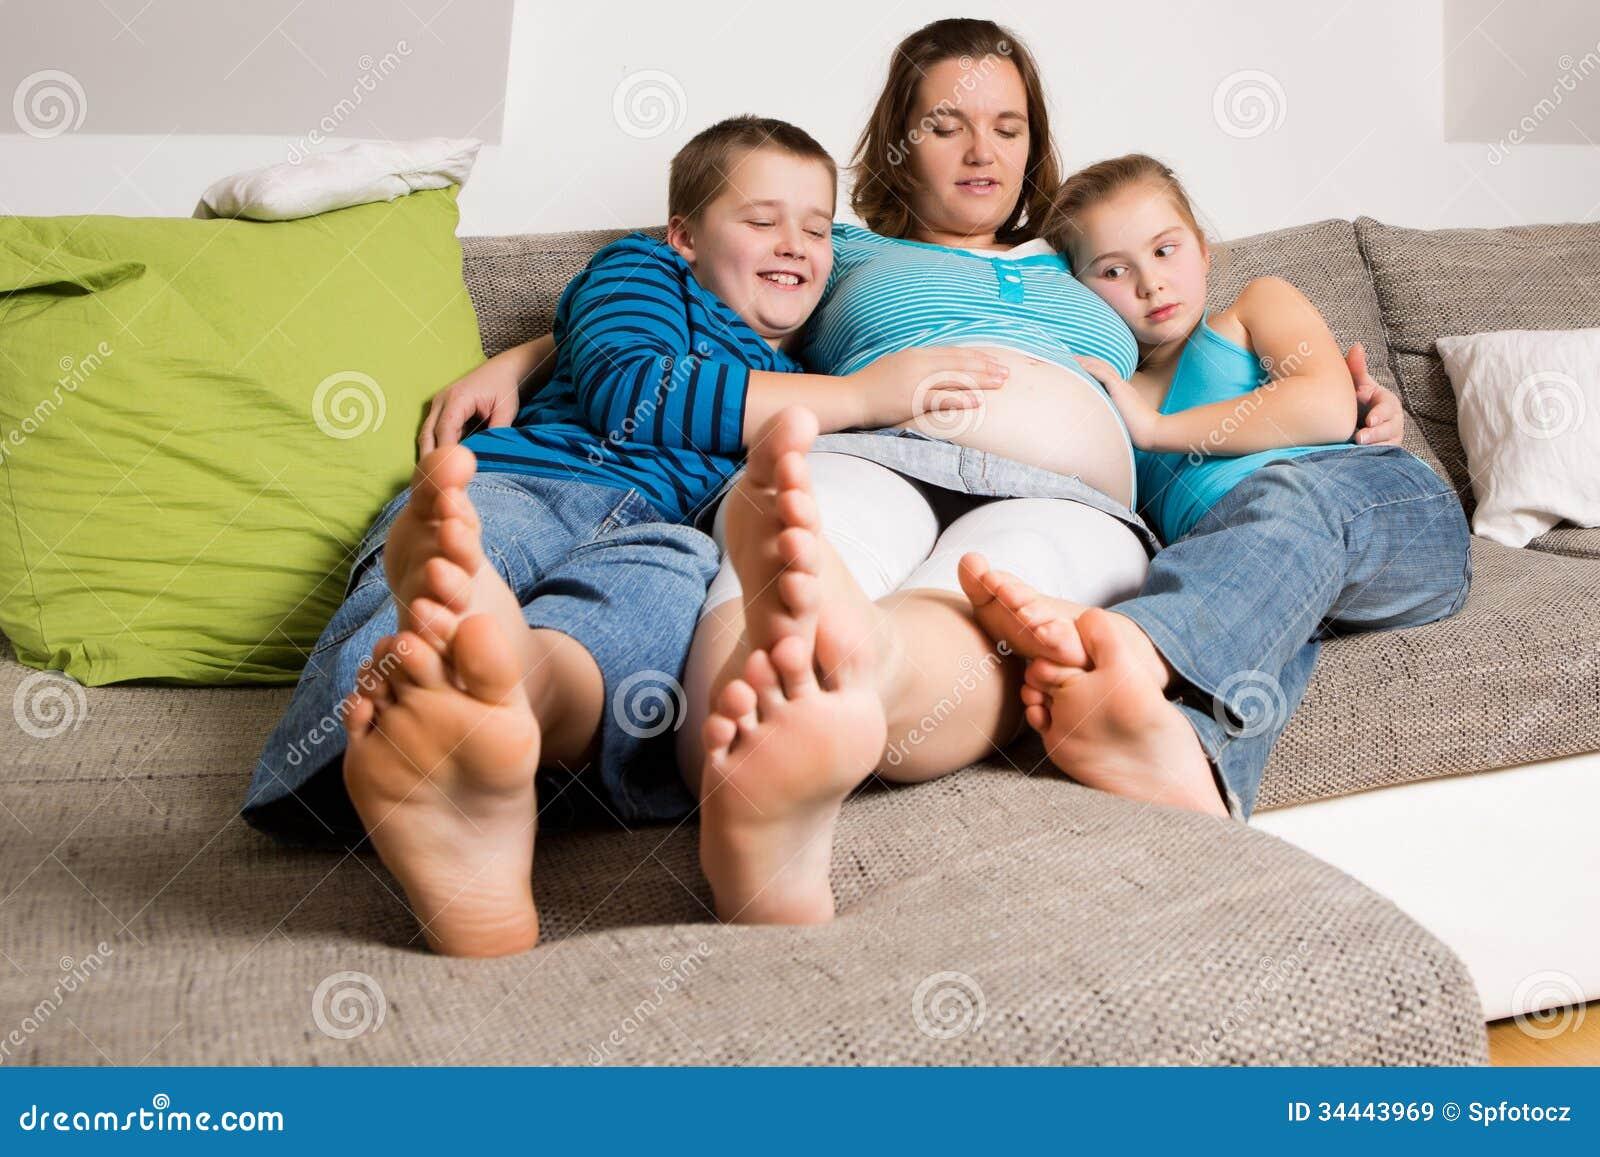 Έγκυος γυναίκα με τα παιδιά της